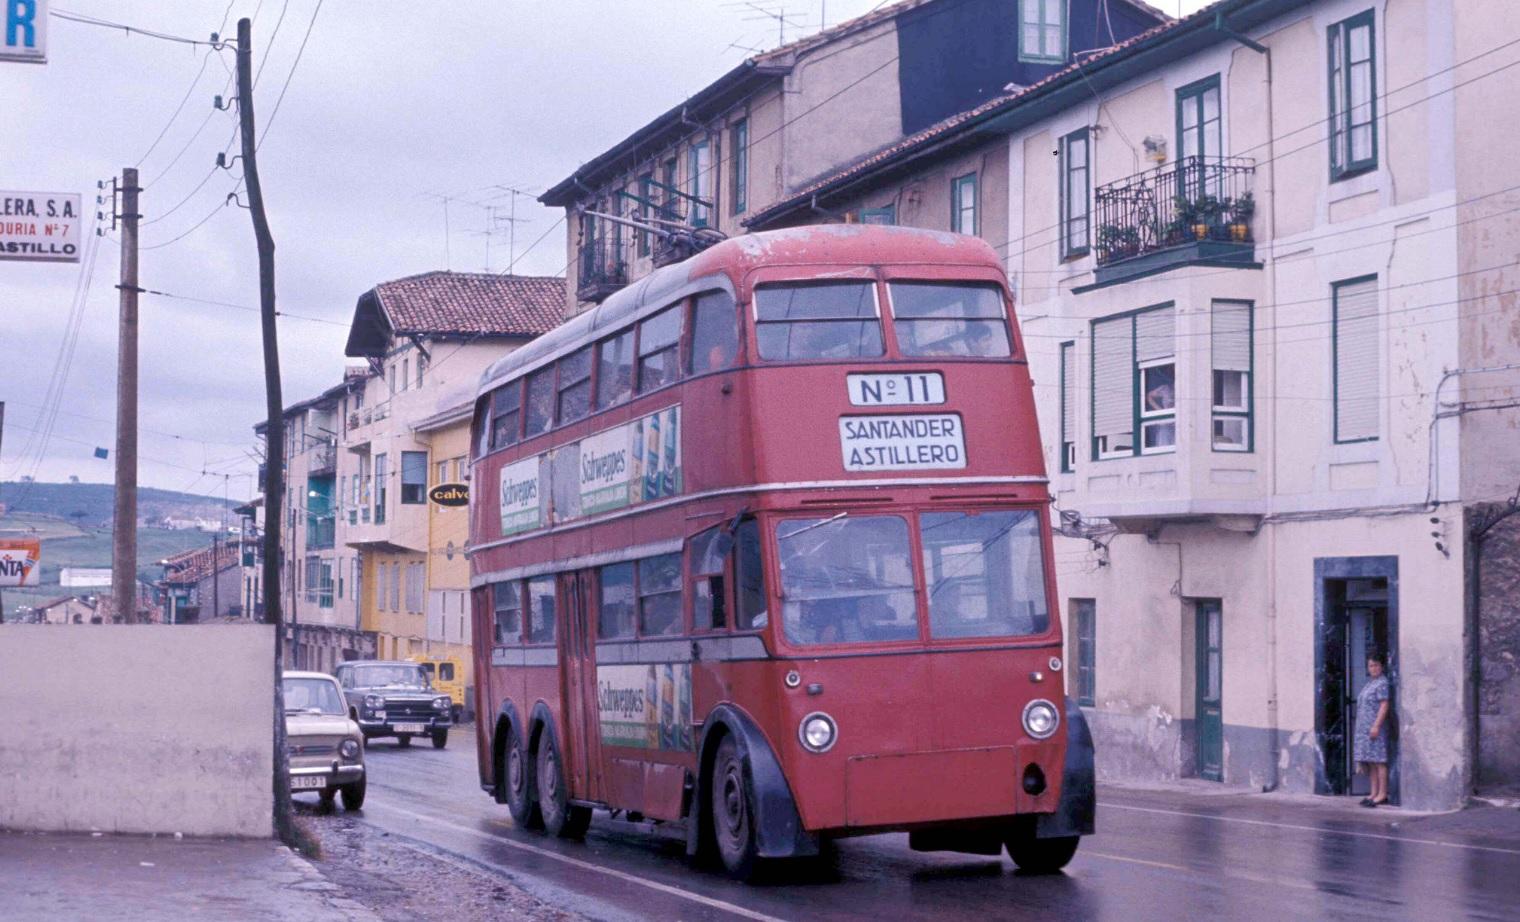 Ex-londýnský trolejbus ve španělském městě Santander v září 1974. (foto: John Ward)